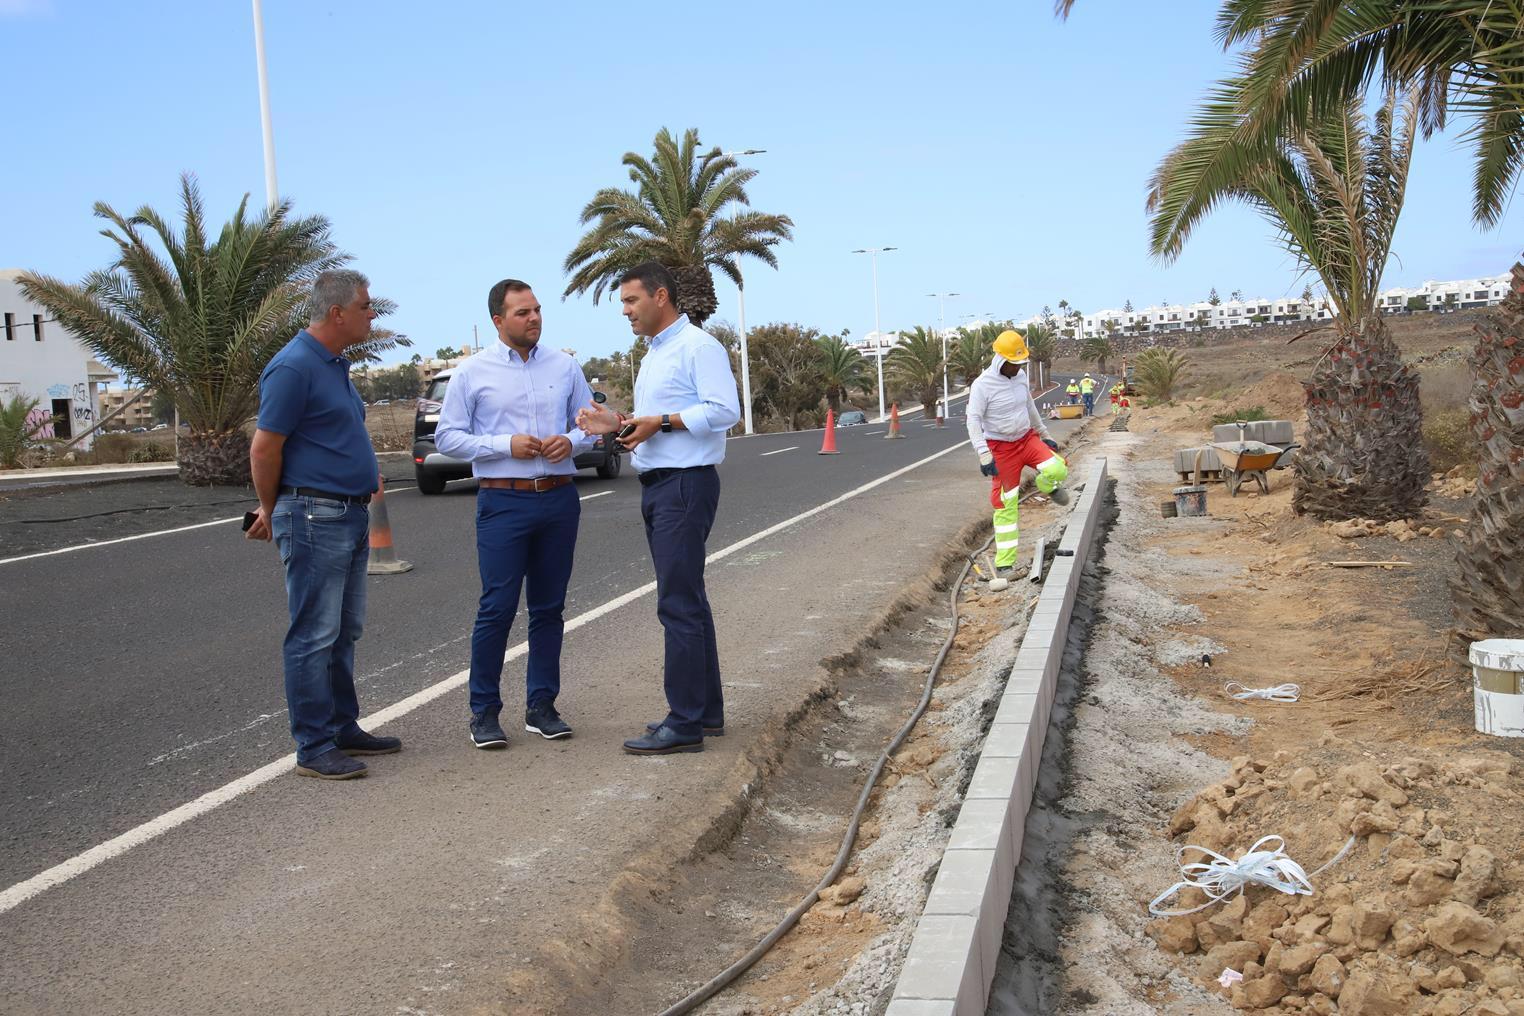 Obras Públicas del Cabildo inicia los trabajos de construcción de aceras en la Avenida de Las Palmeras en Costa Teguise